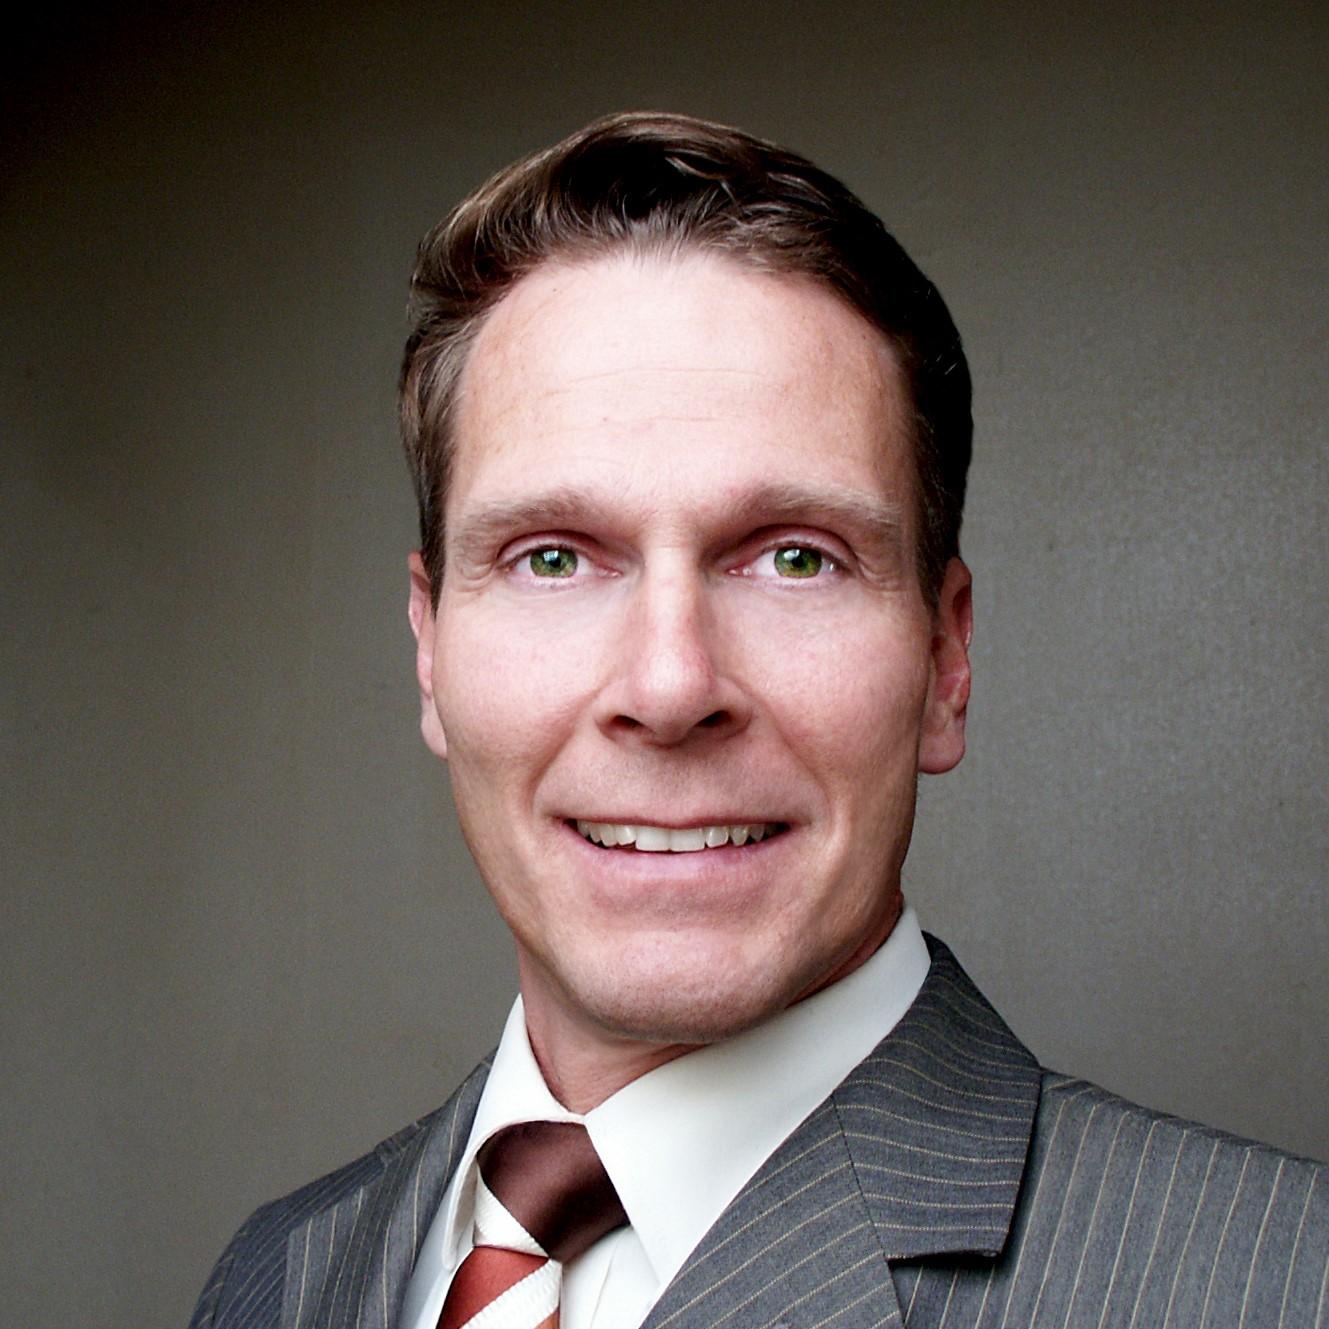 Christian Weck - Sachverständiger für Sicherheitstechnik und Einbruchschutz